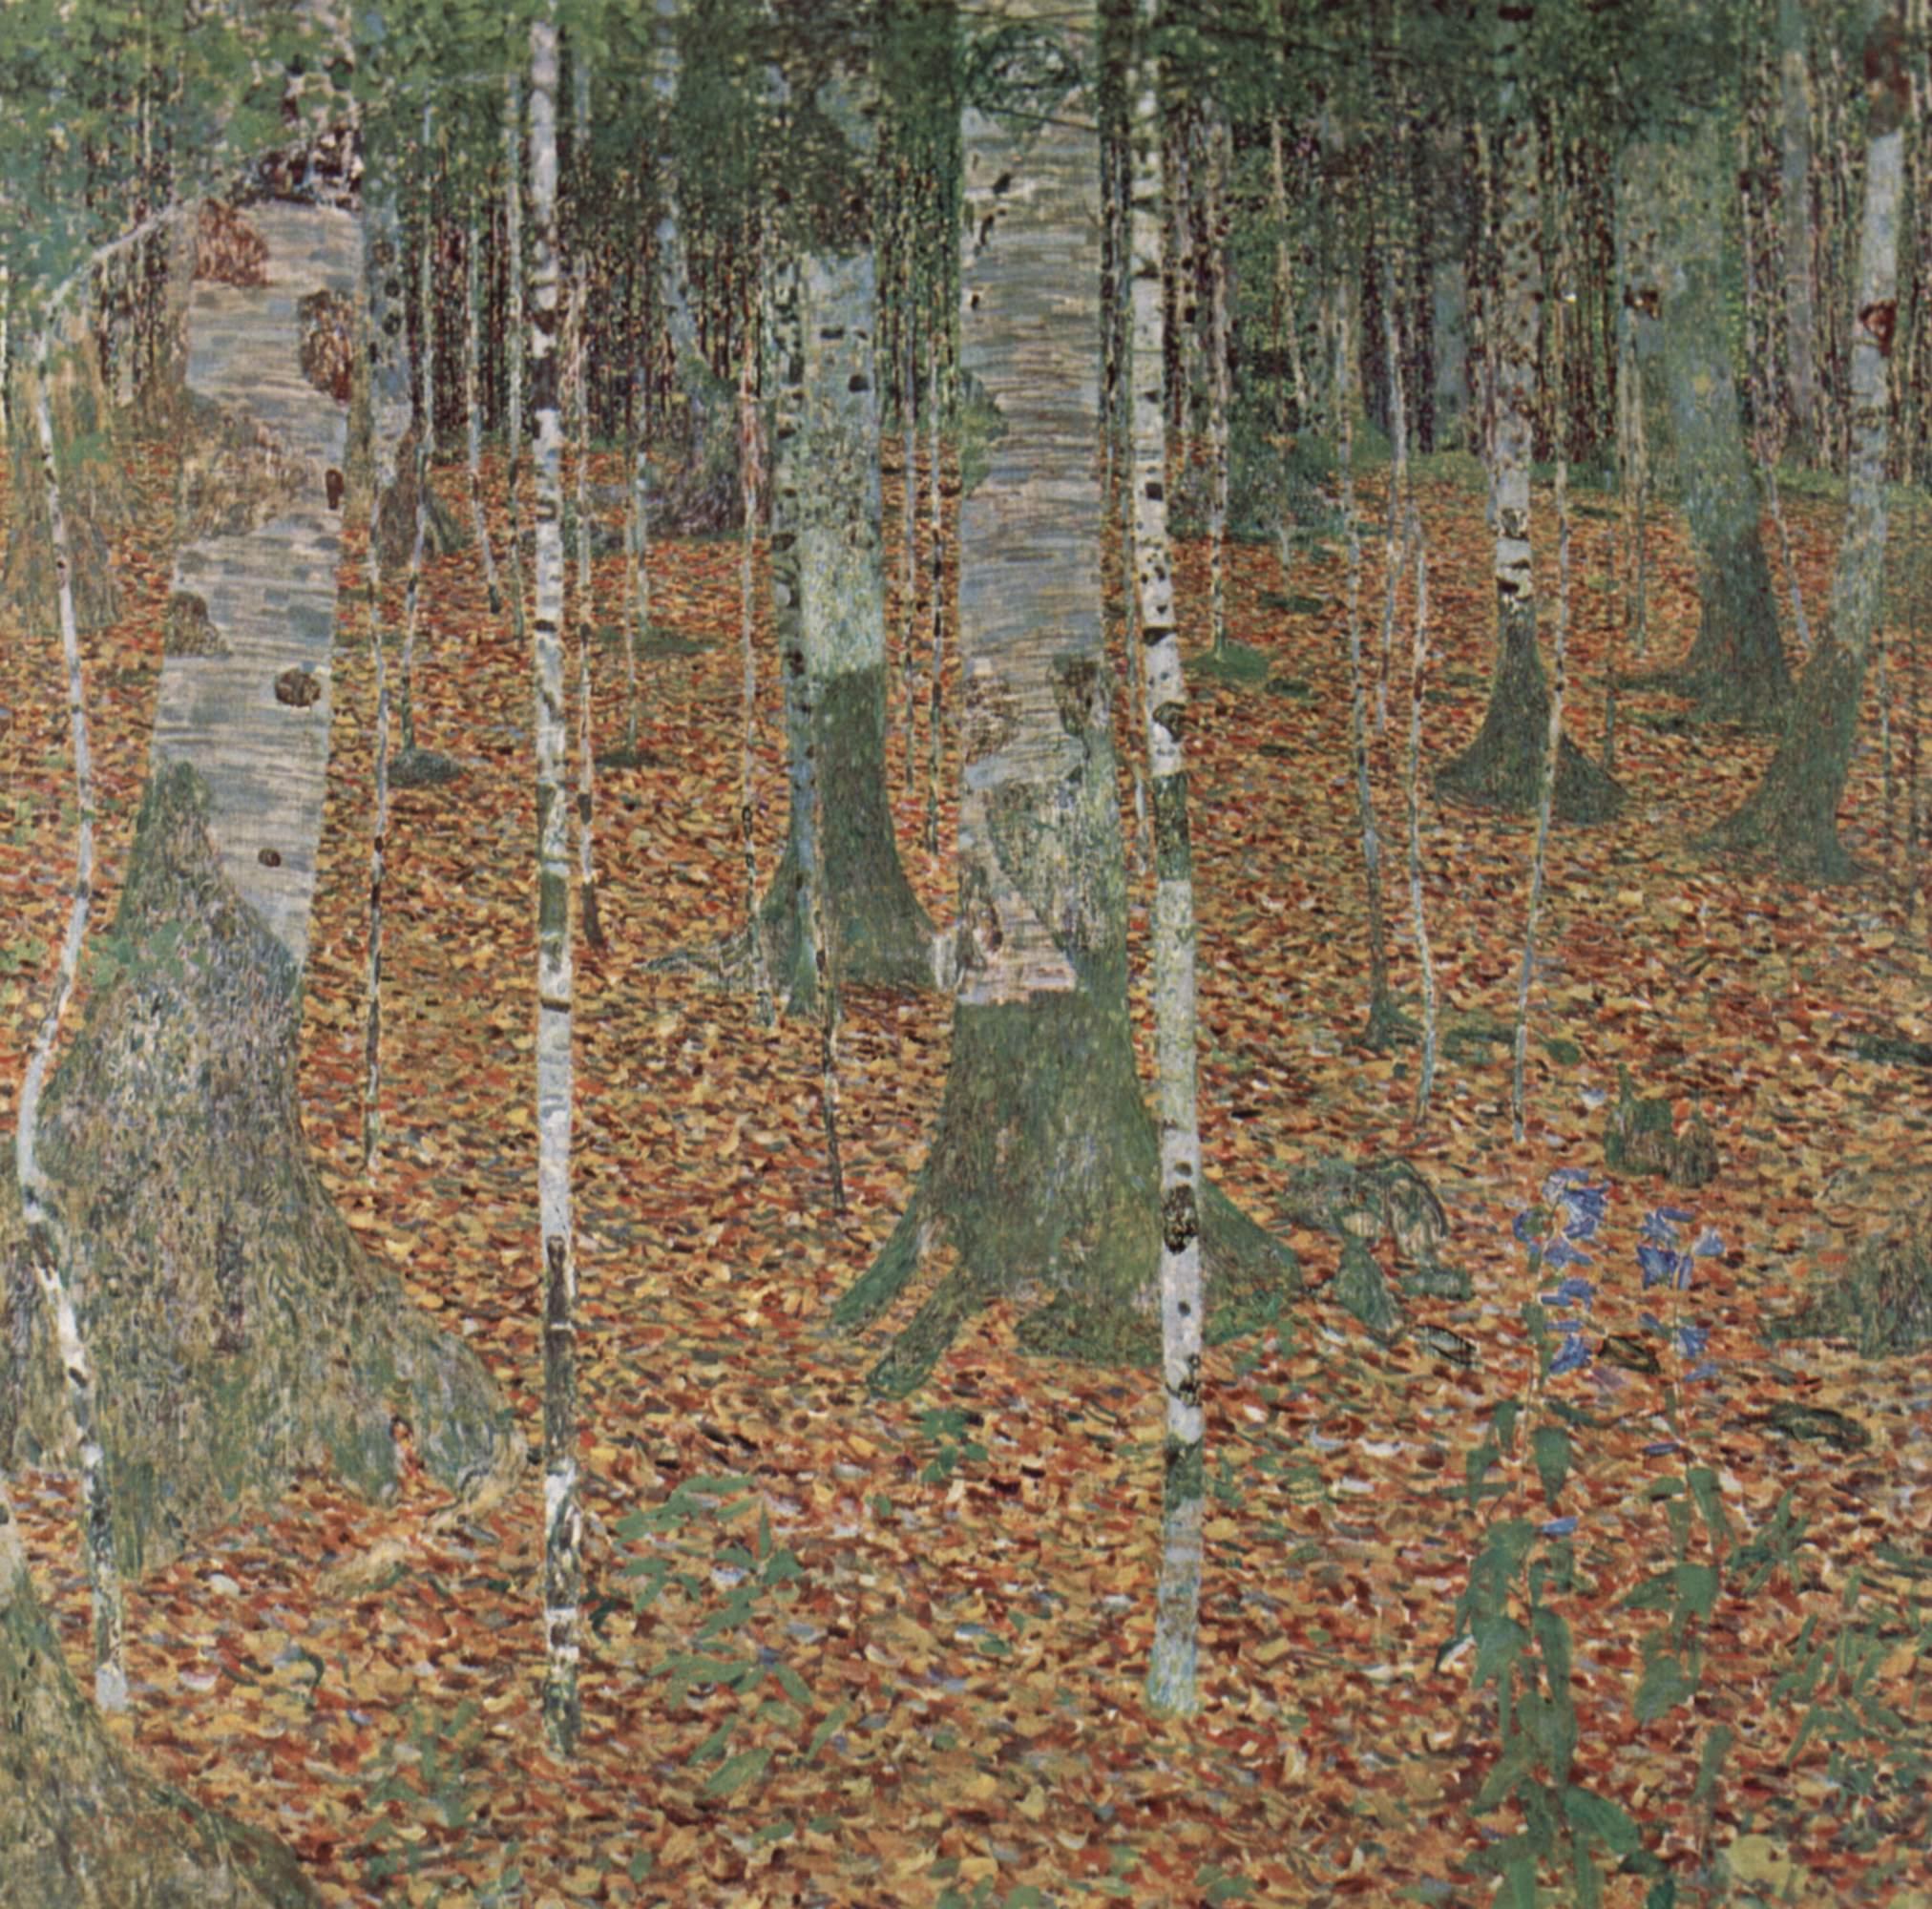 http://upload.wikimedia.org/wikipedia/commons/2/23/Gustav_Klimt_006.jpg